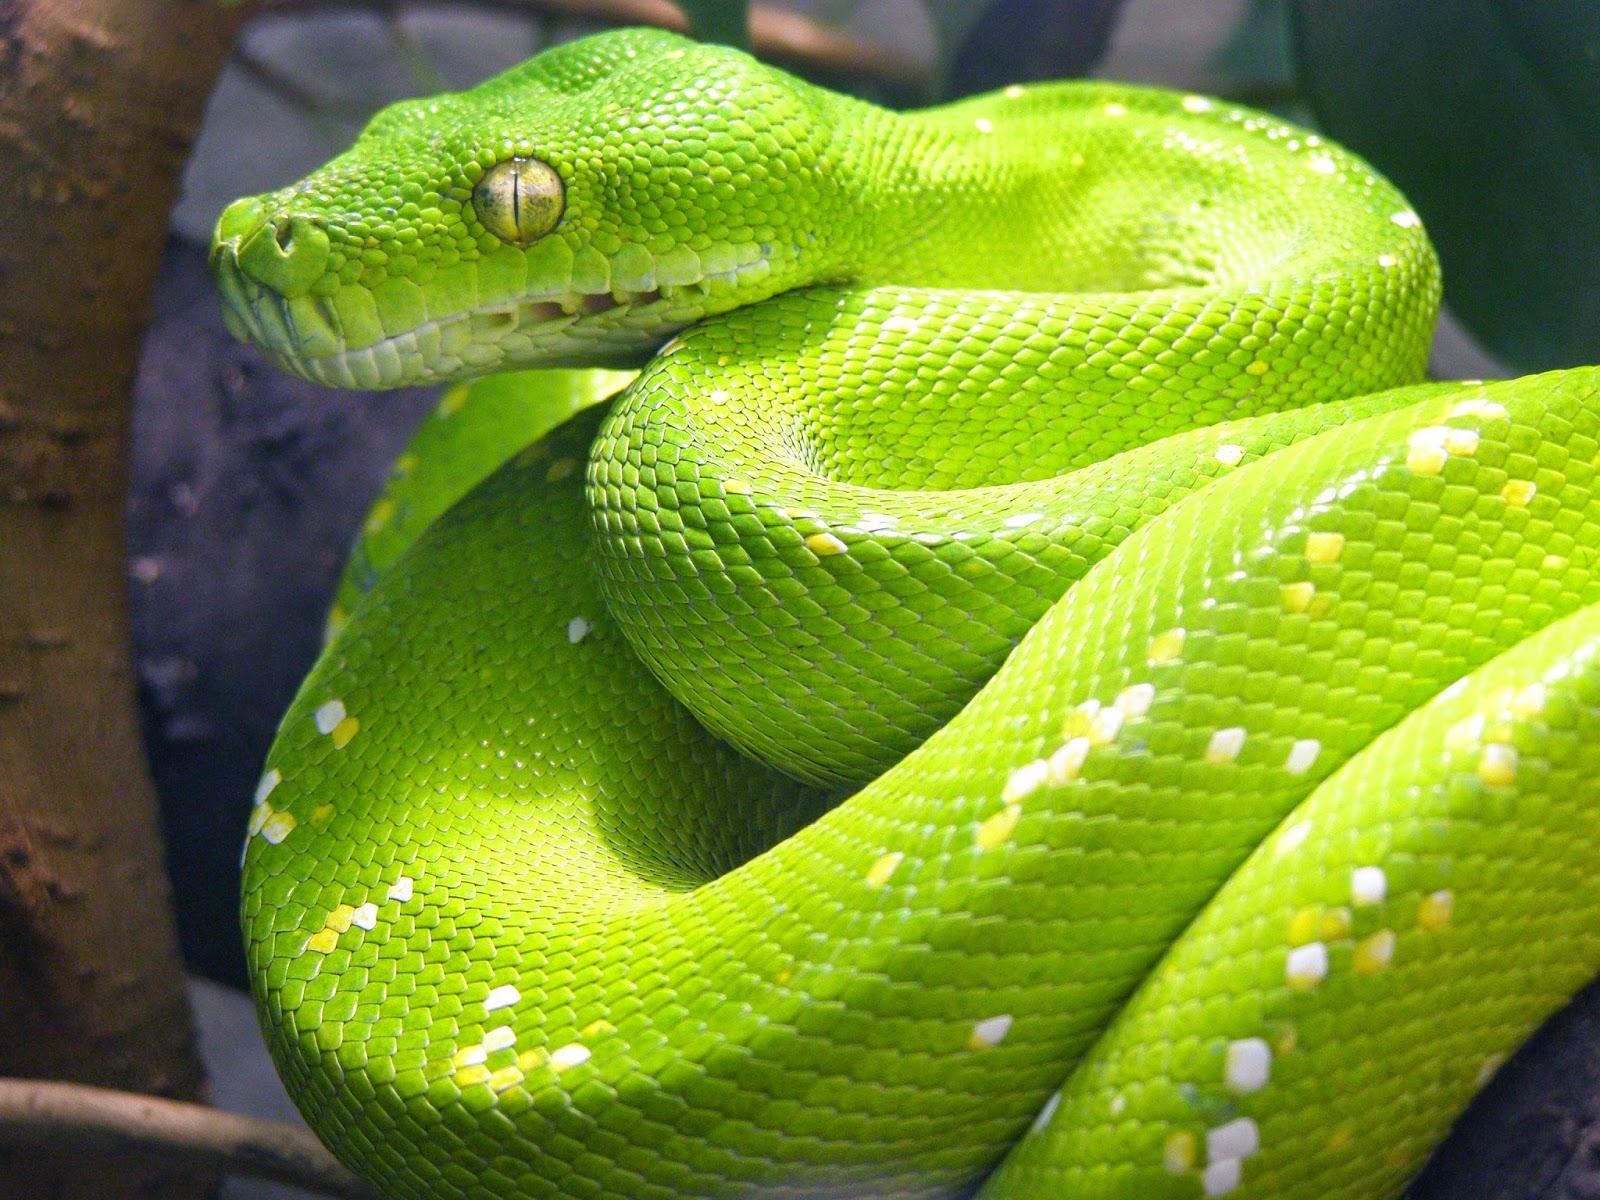 بالصور اكبر ثعبان في العالم , صورة حيوانات من الطبيعة 5268 3